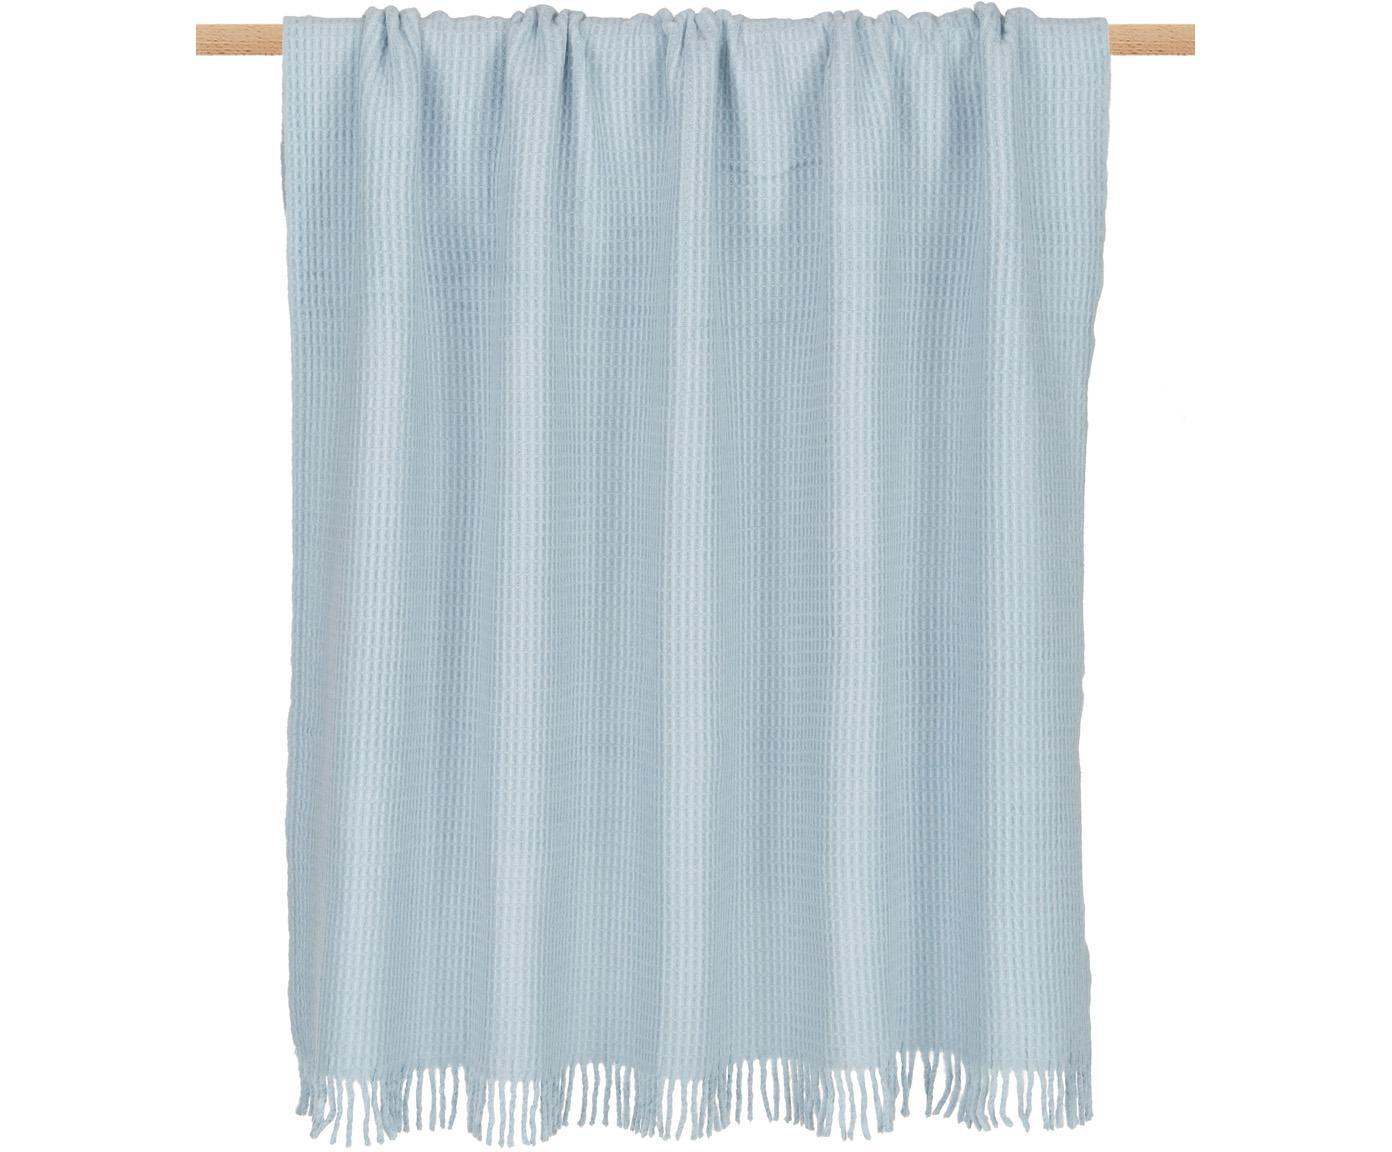 Pled z piki Sara, 50% bawełna, 50% akryl, Jasny niebieski, S 140 x D 180 cm